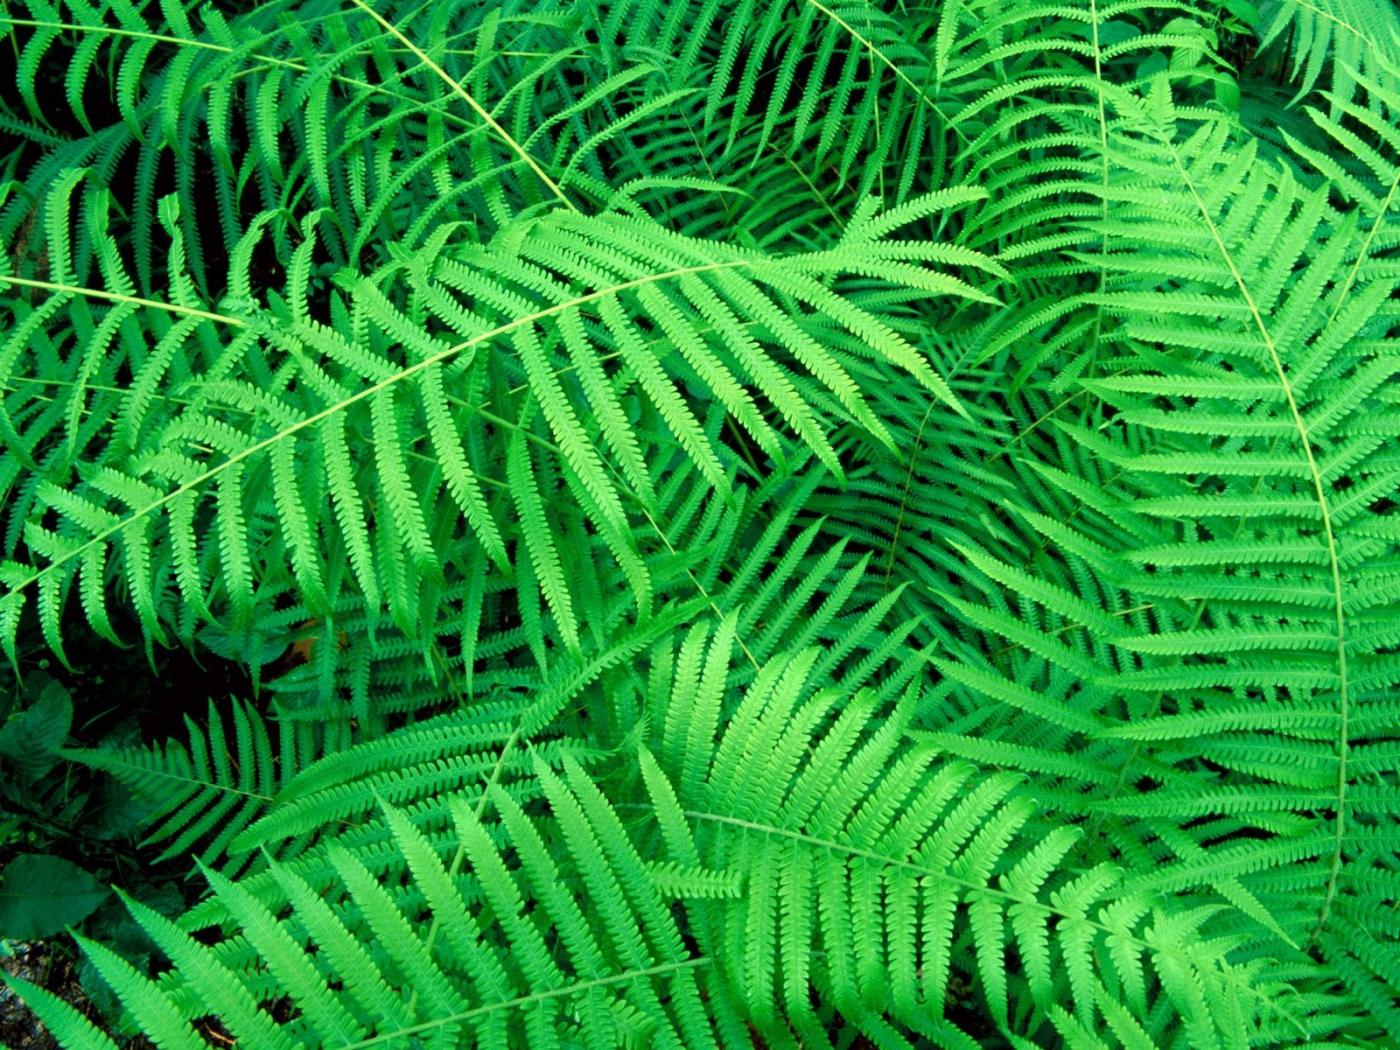 37698 Hintergrundbild herunterladen Pflanzen, Blätter, Farne - Bildschirmschoner und Bilder kostenlos